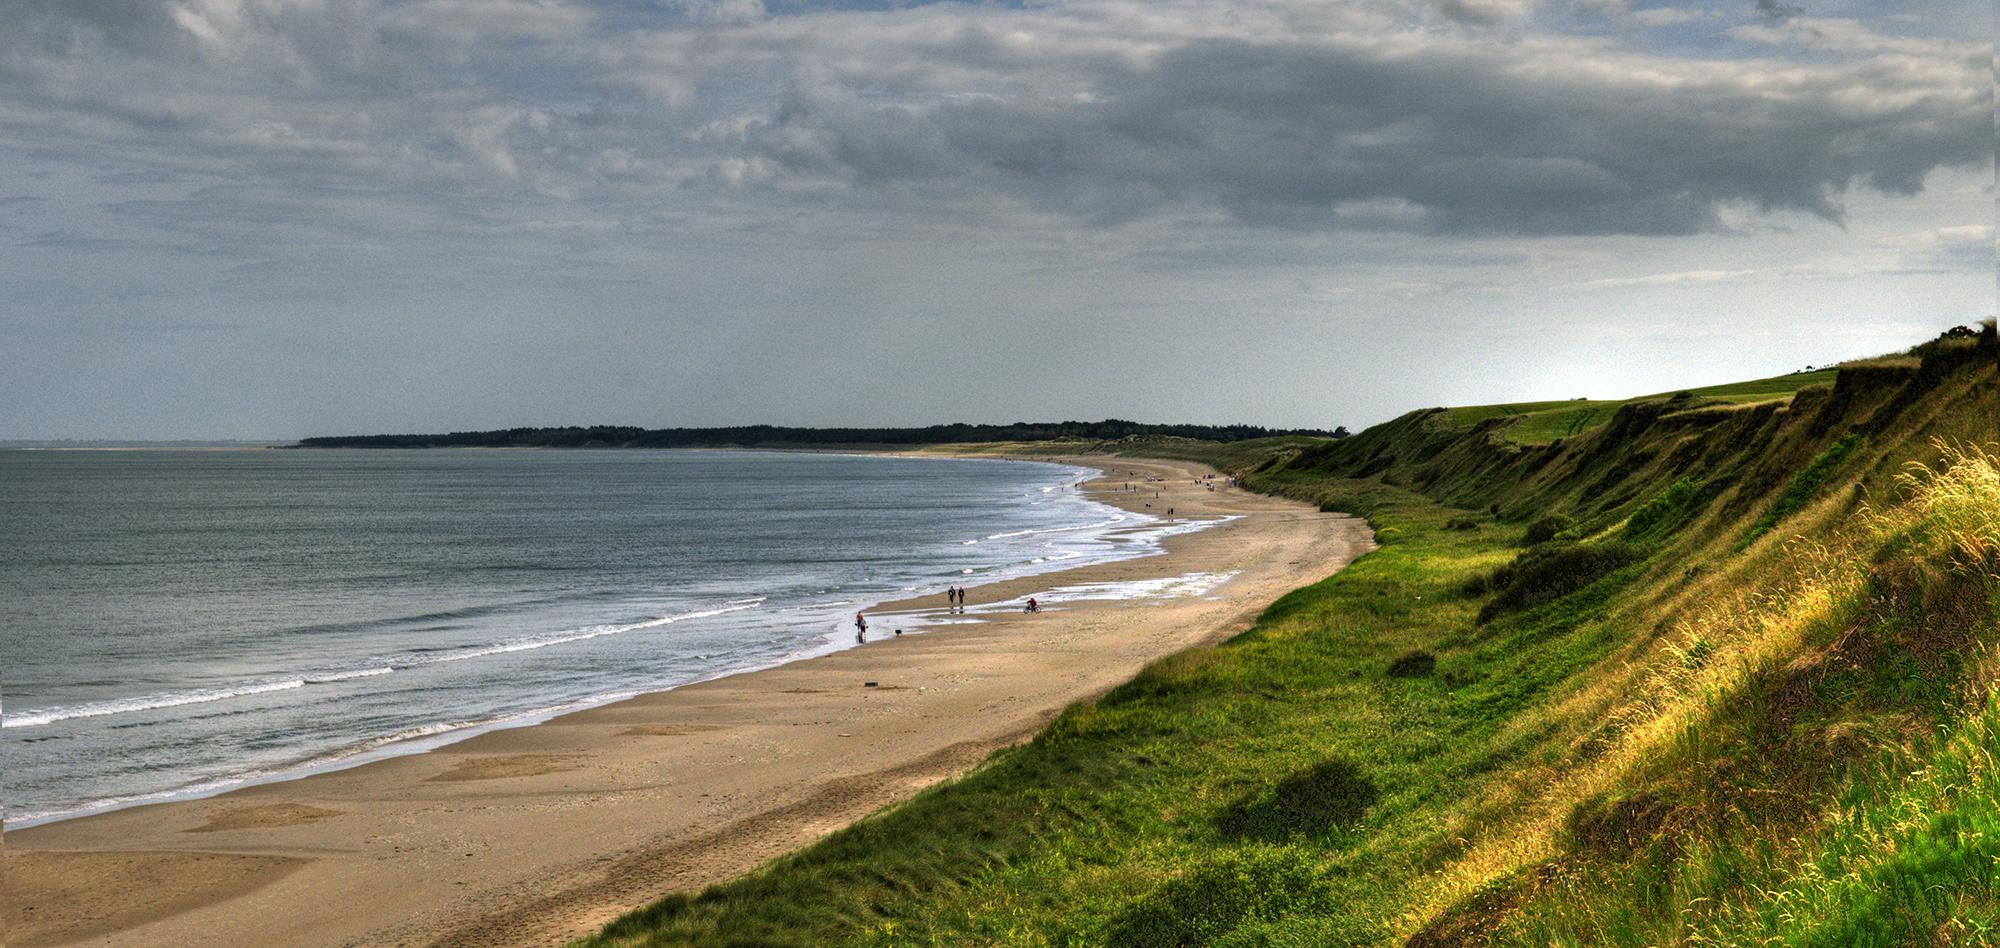 Top 10 Irish Beaches To Visit In 2017 Best Beaches In